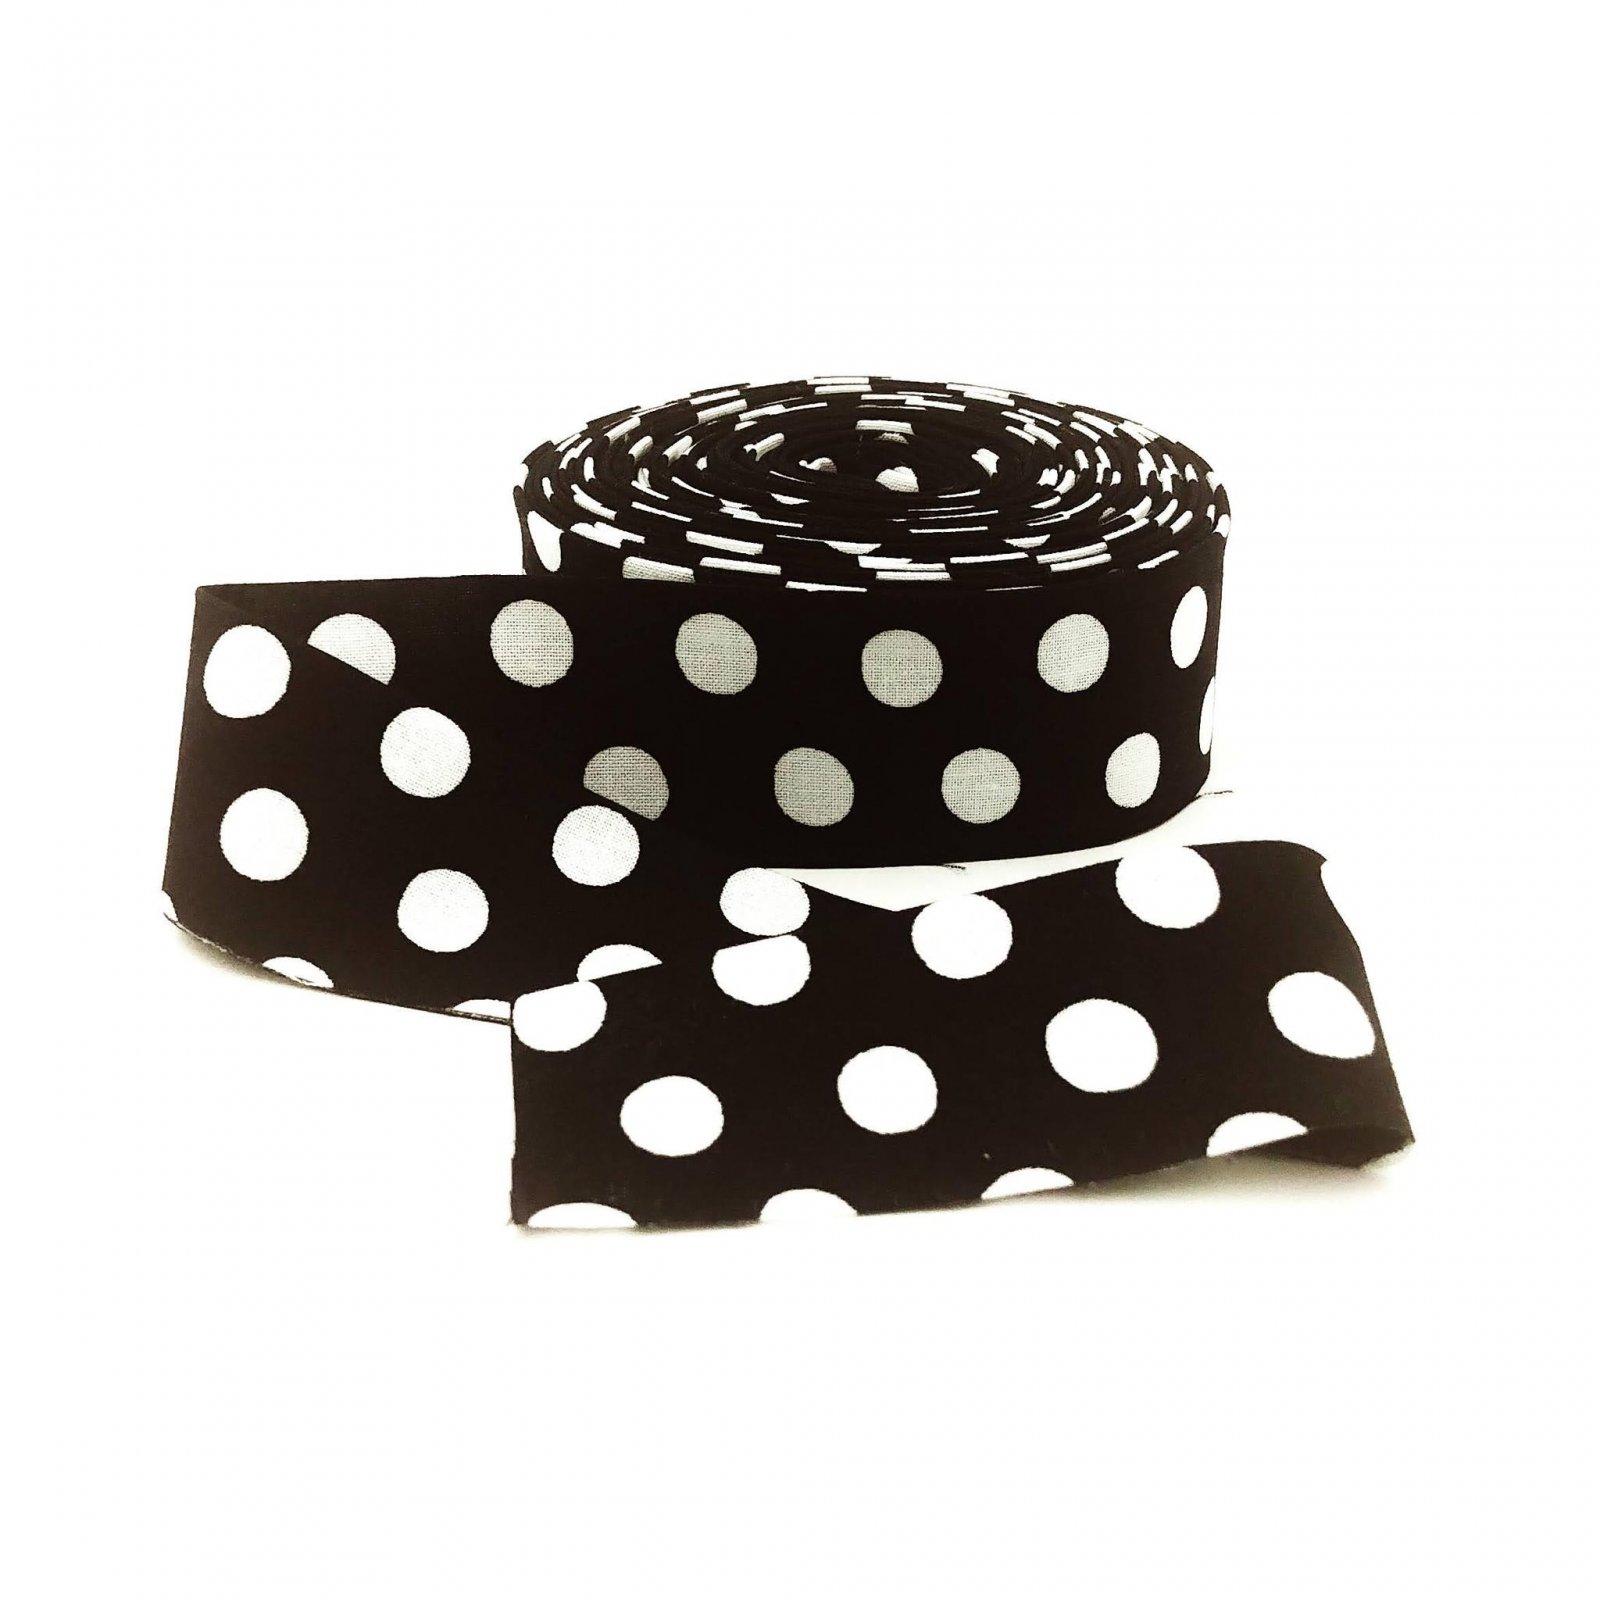 Binding Spots Black by Kaffe Fassett